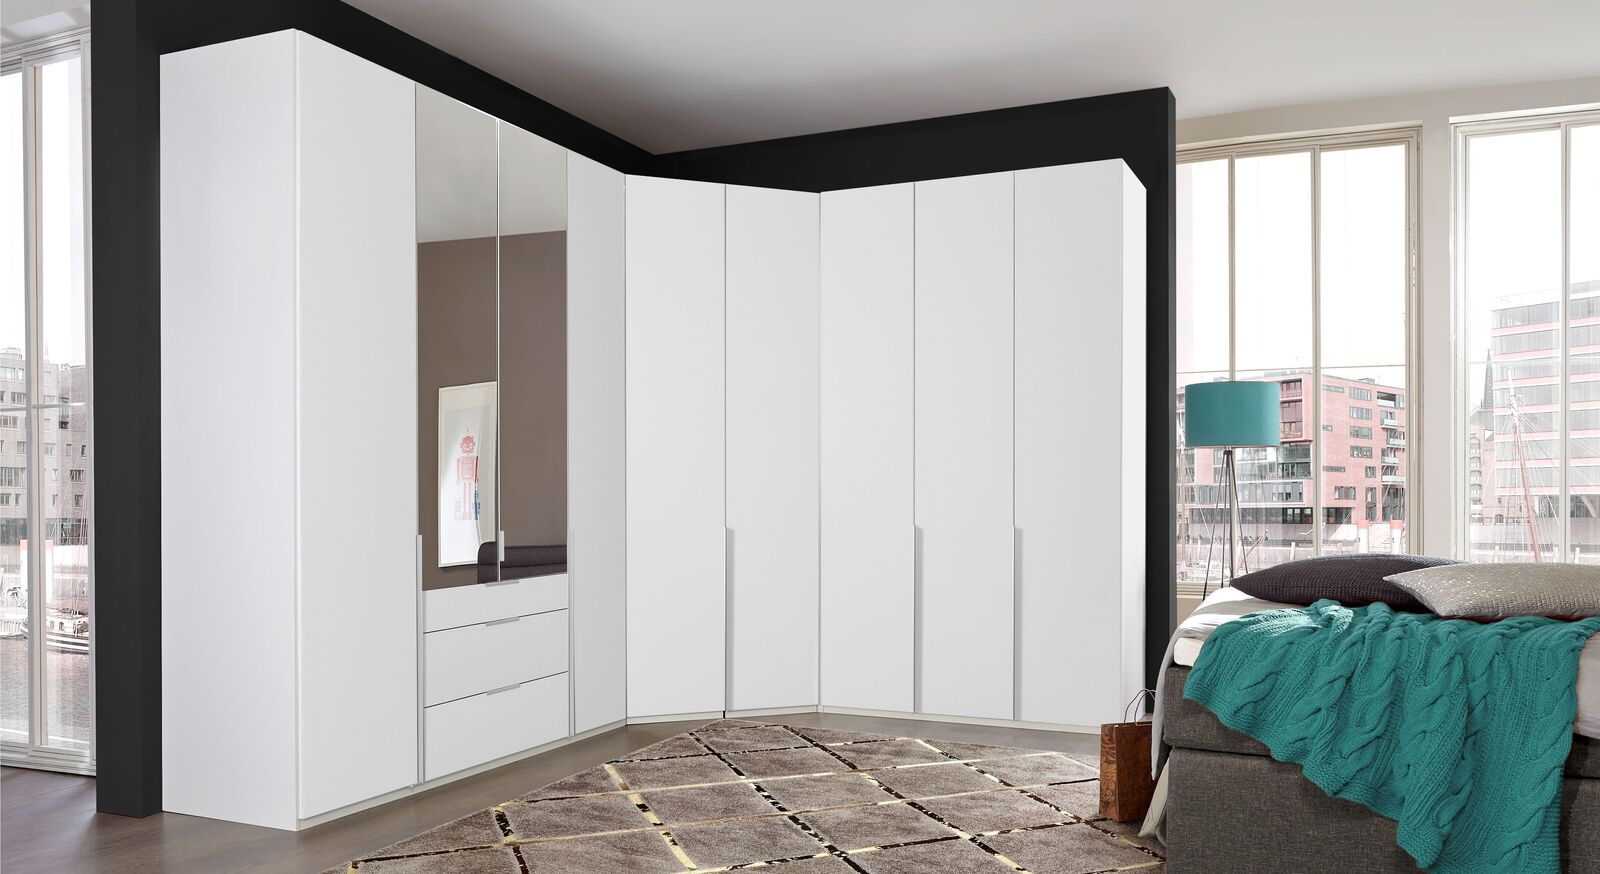 eck kleiderschrank mit individuell stellbaren elementen. Black Bedroom Furniture Sets. Home Design Ideas